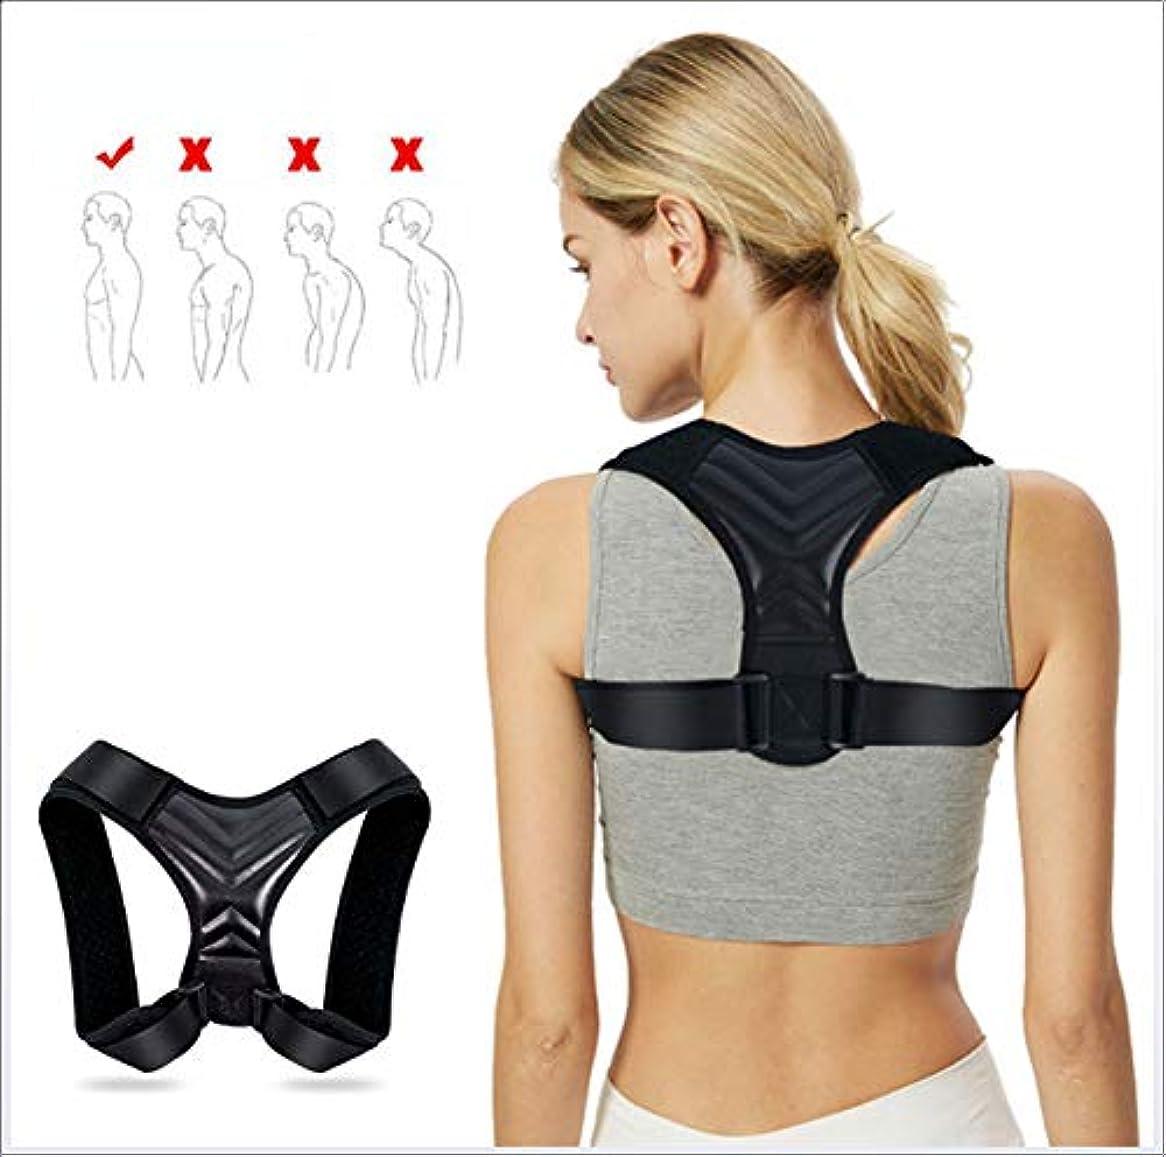 動新鮮な知人姿勢ブレース、胸部、肩の背中の補正反ハンプバック調整可能な補正は、男の子と女の子の姿勢を改善するのに役立ちます,L